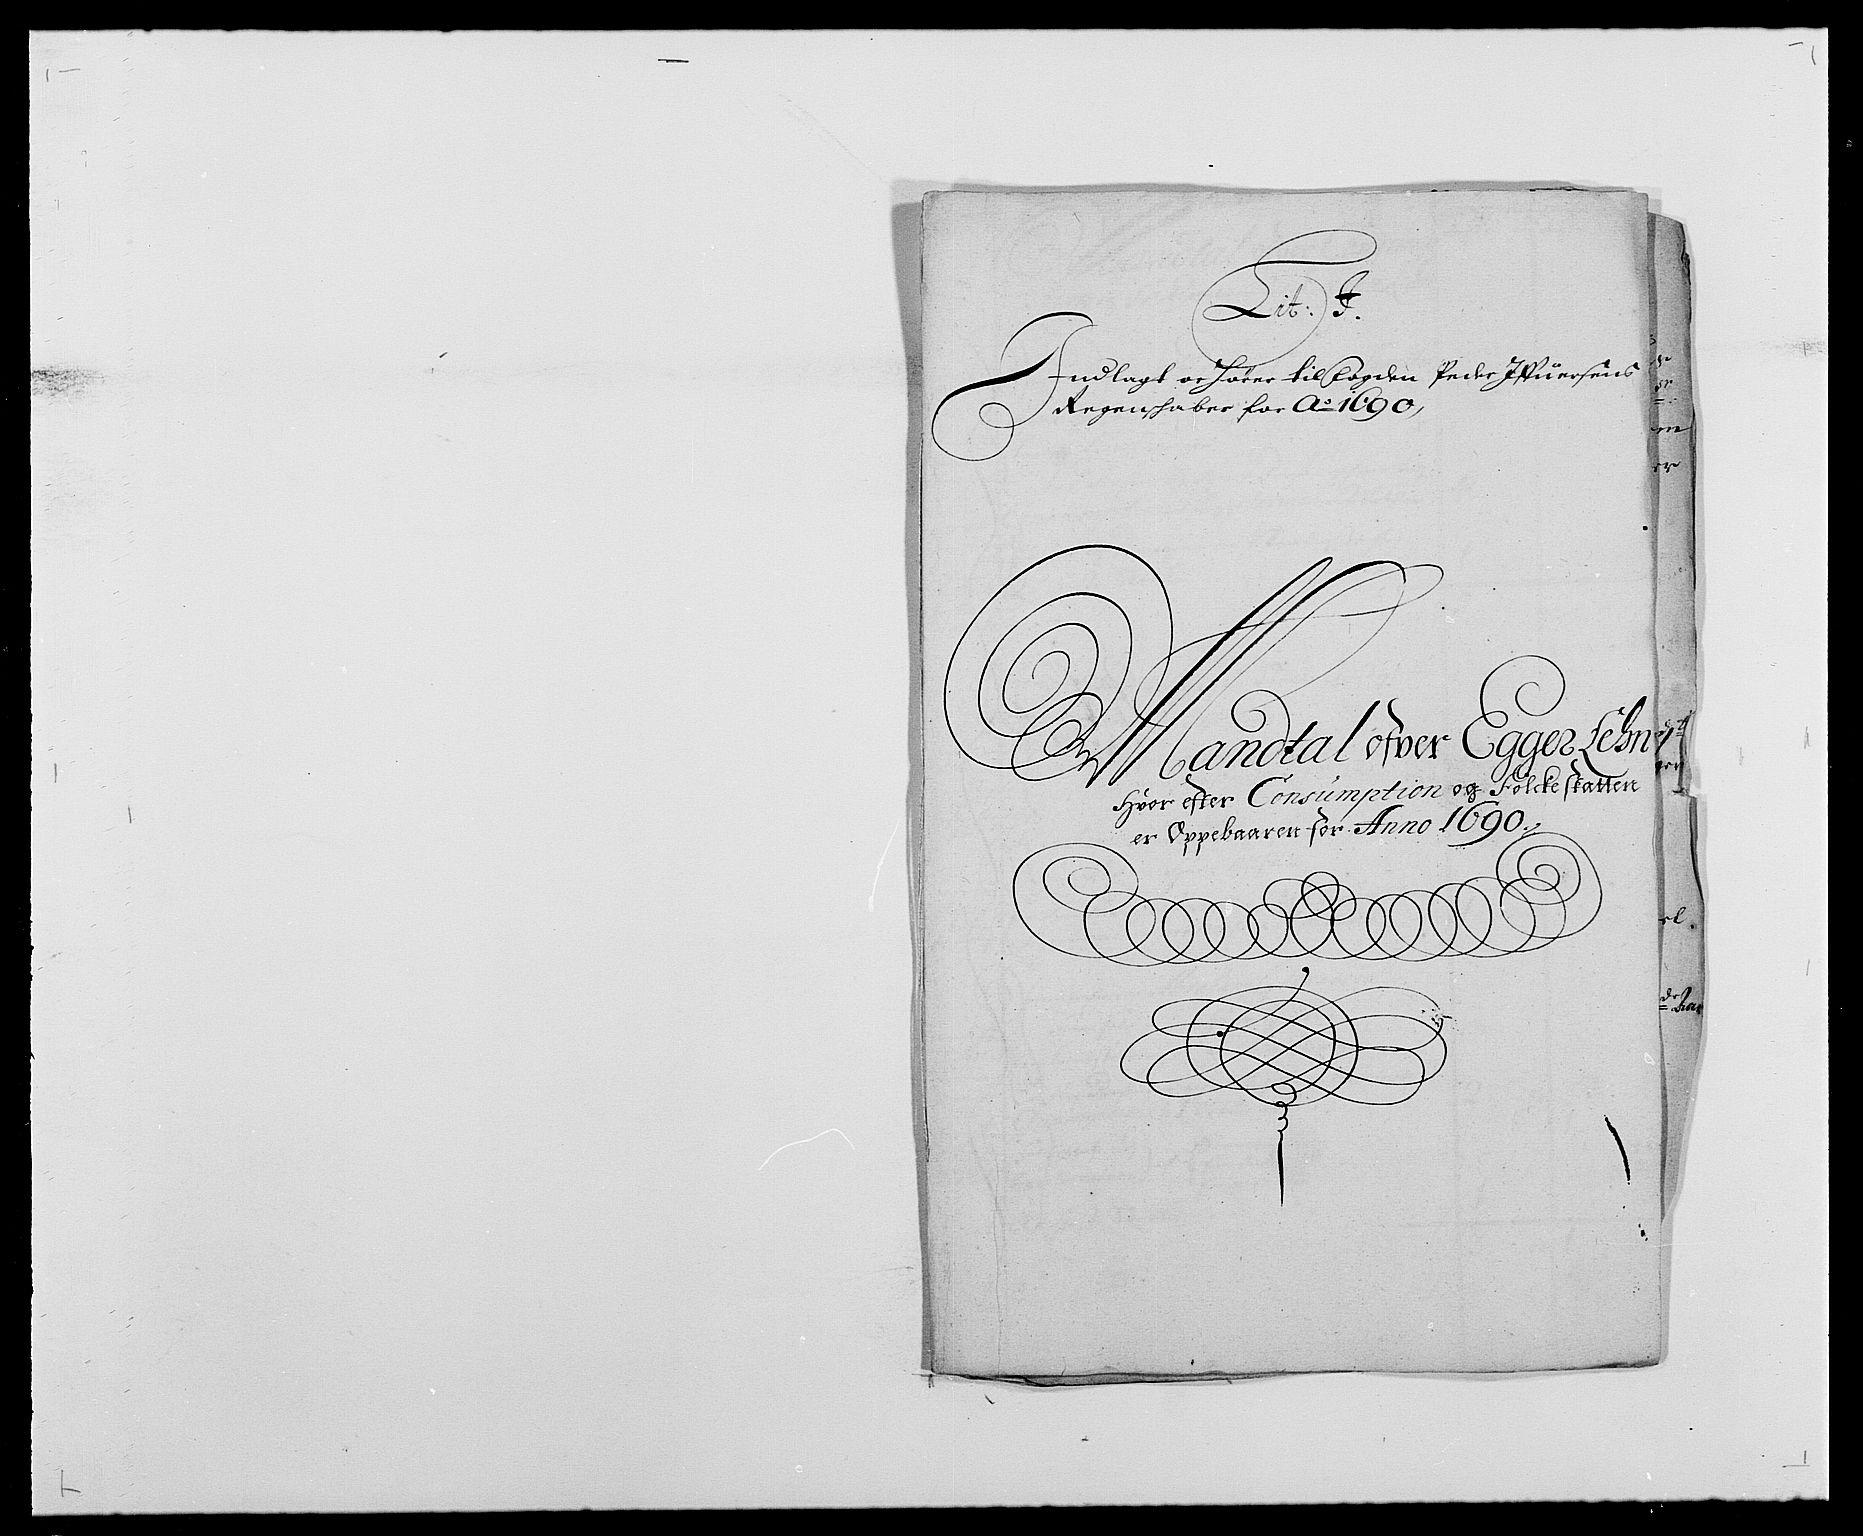 RA, Rentekammeret inntil 1814, Reviderte regnskaper, Fogderegnskap, R28/L1689: Fogderegnskap Eiker og Lier, 1690-1691, s. 101